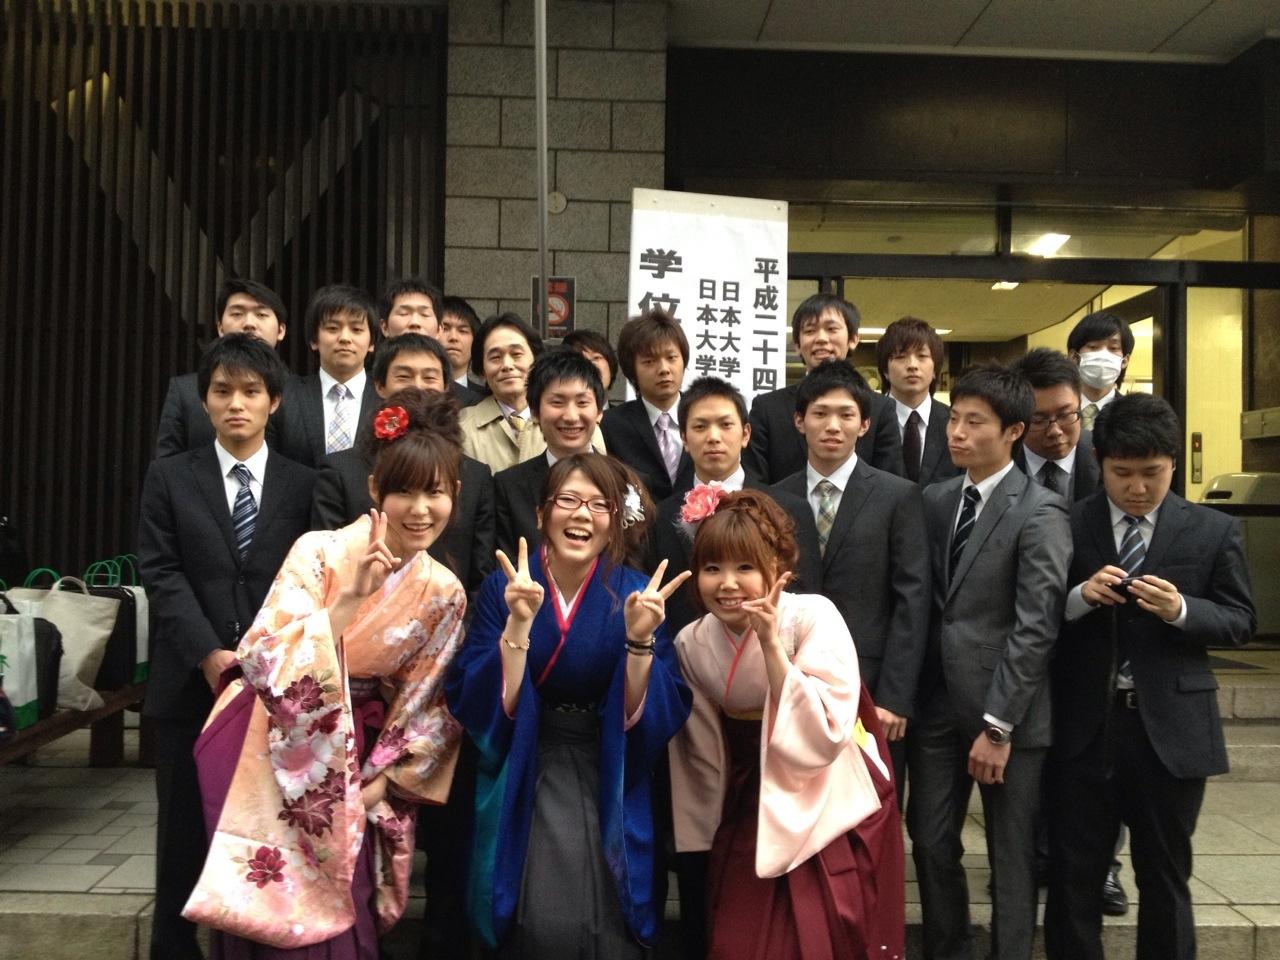 http://www.yuukoubou.net/blog/2013/04/21/1406.JPG